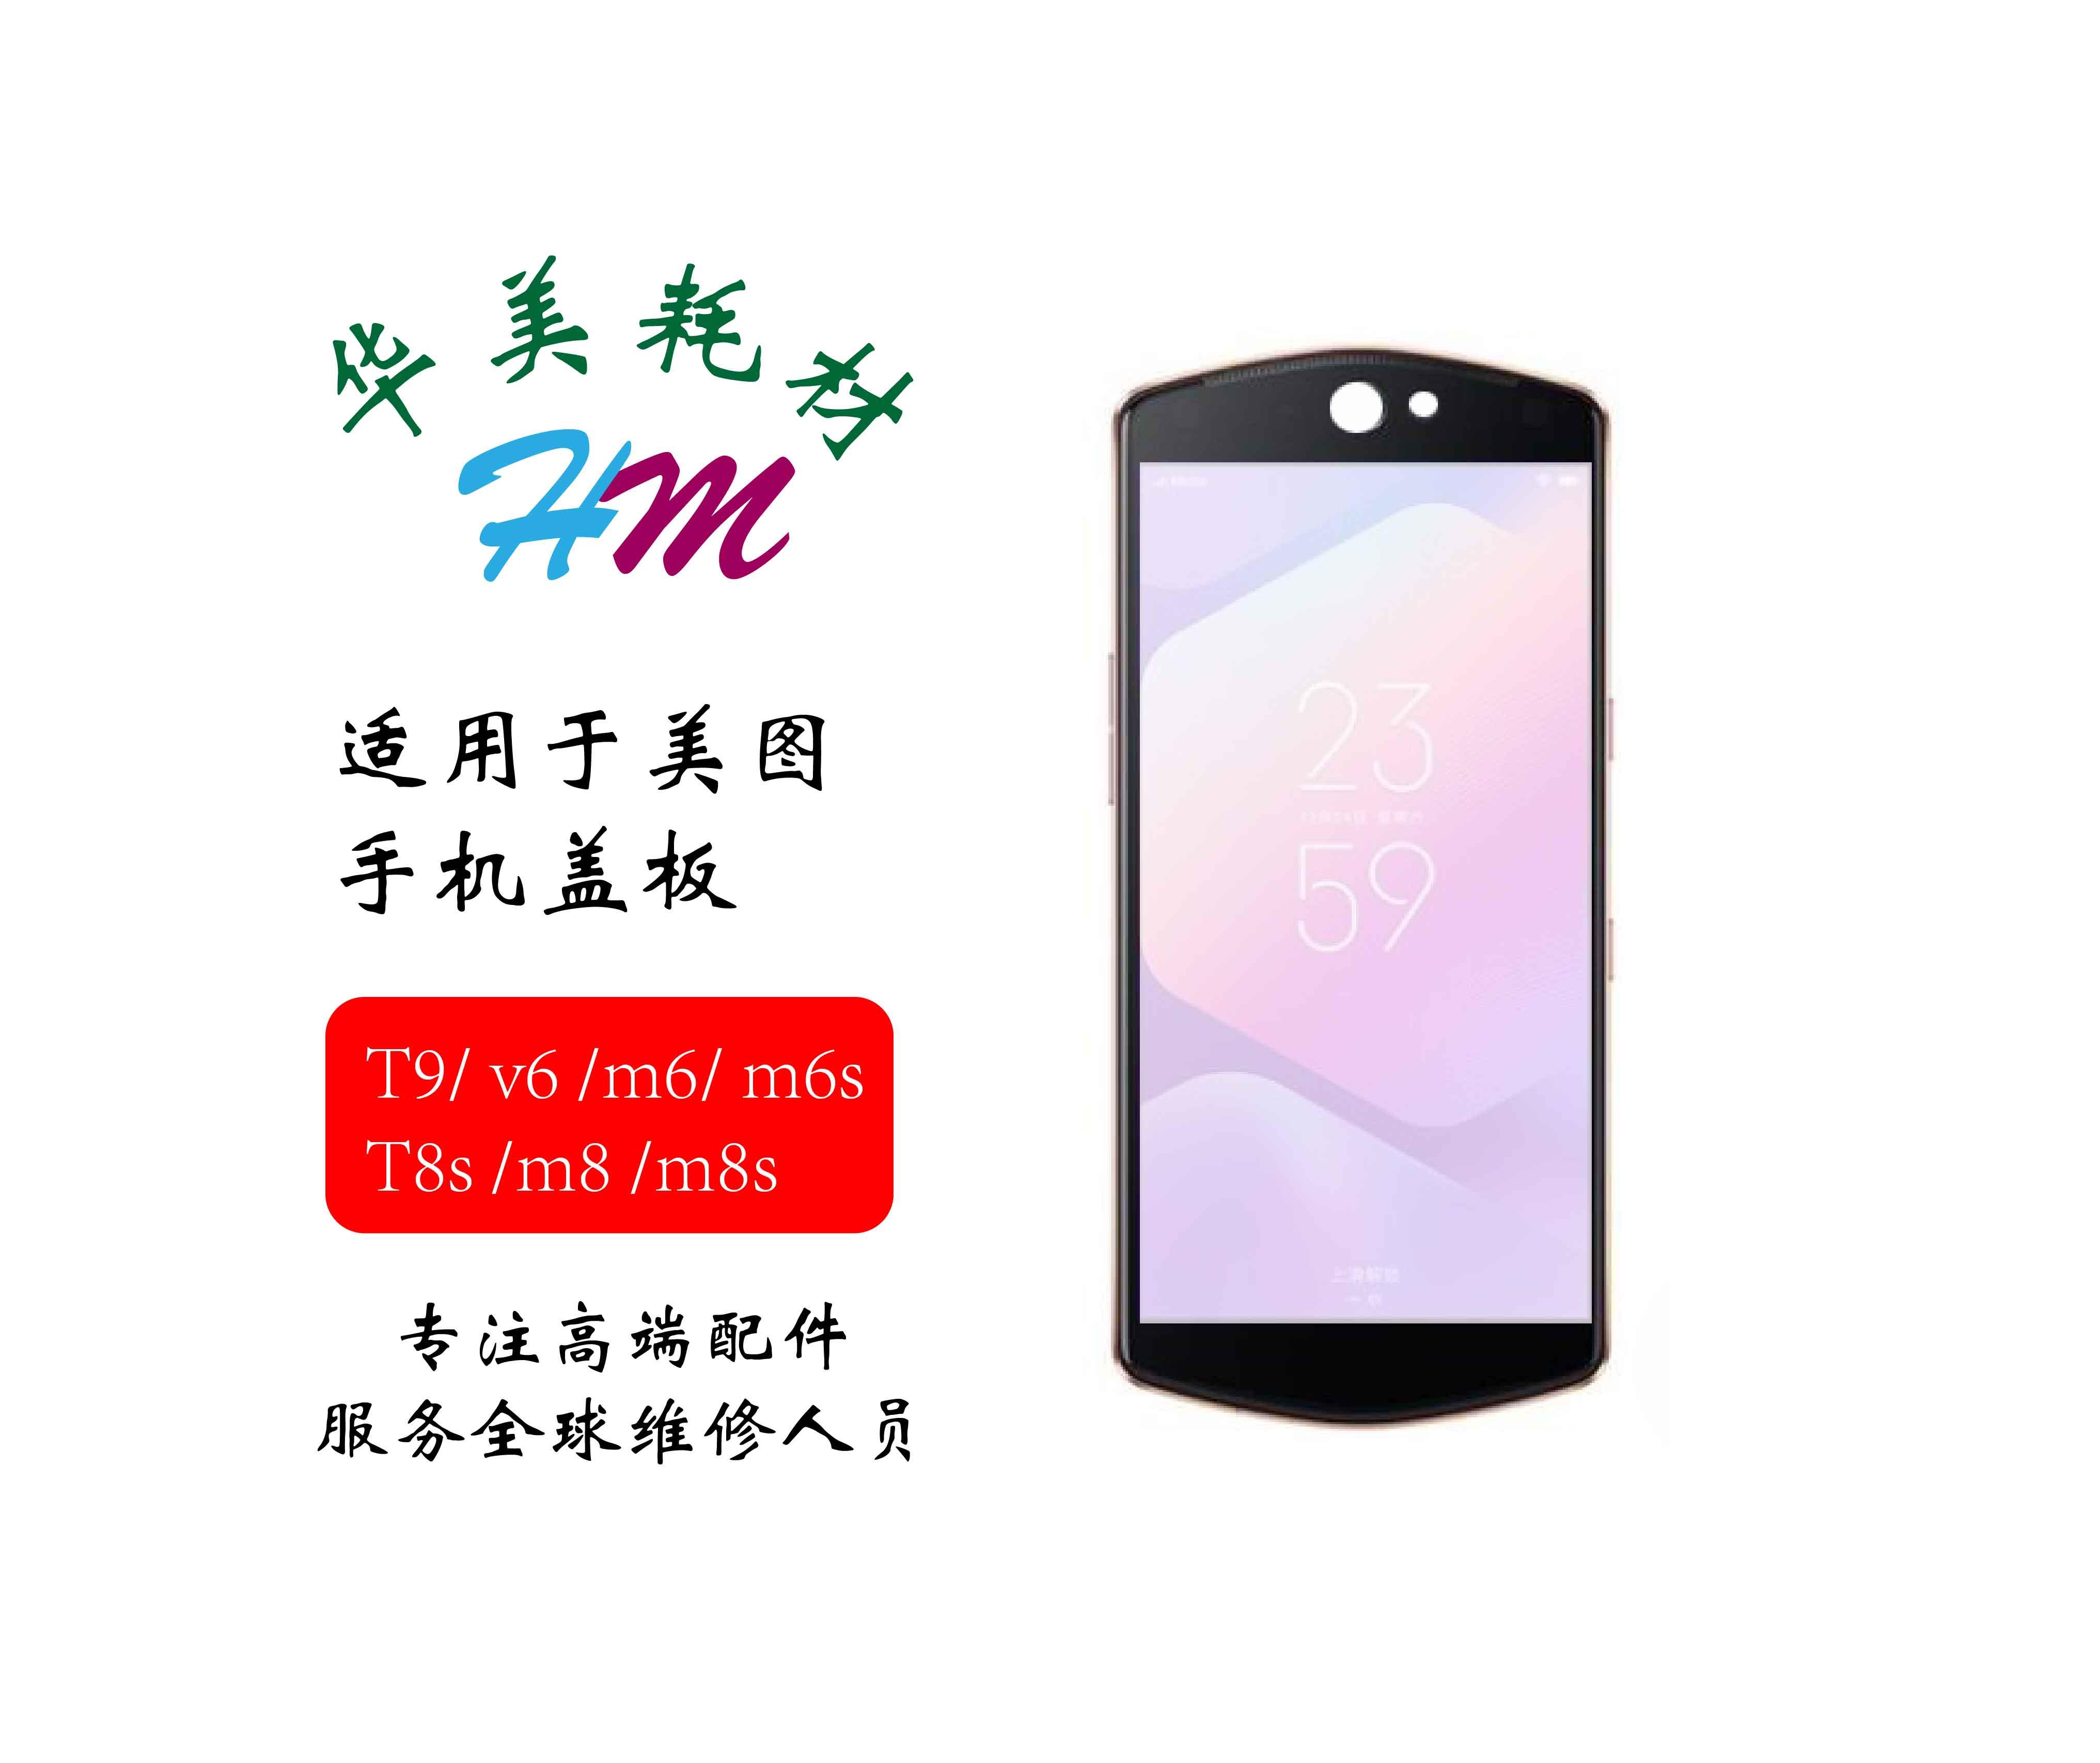 适用华美全原装美图t9 v6 m6 m6S T8s m8 m8s手机玻璃盖板外屏幕